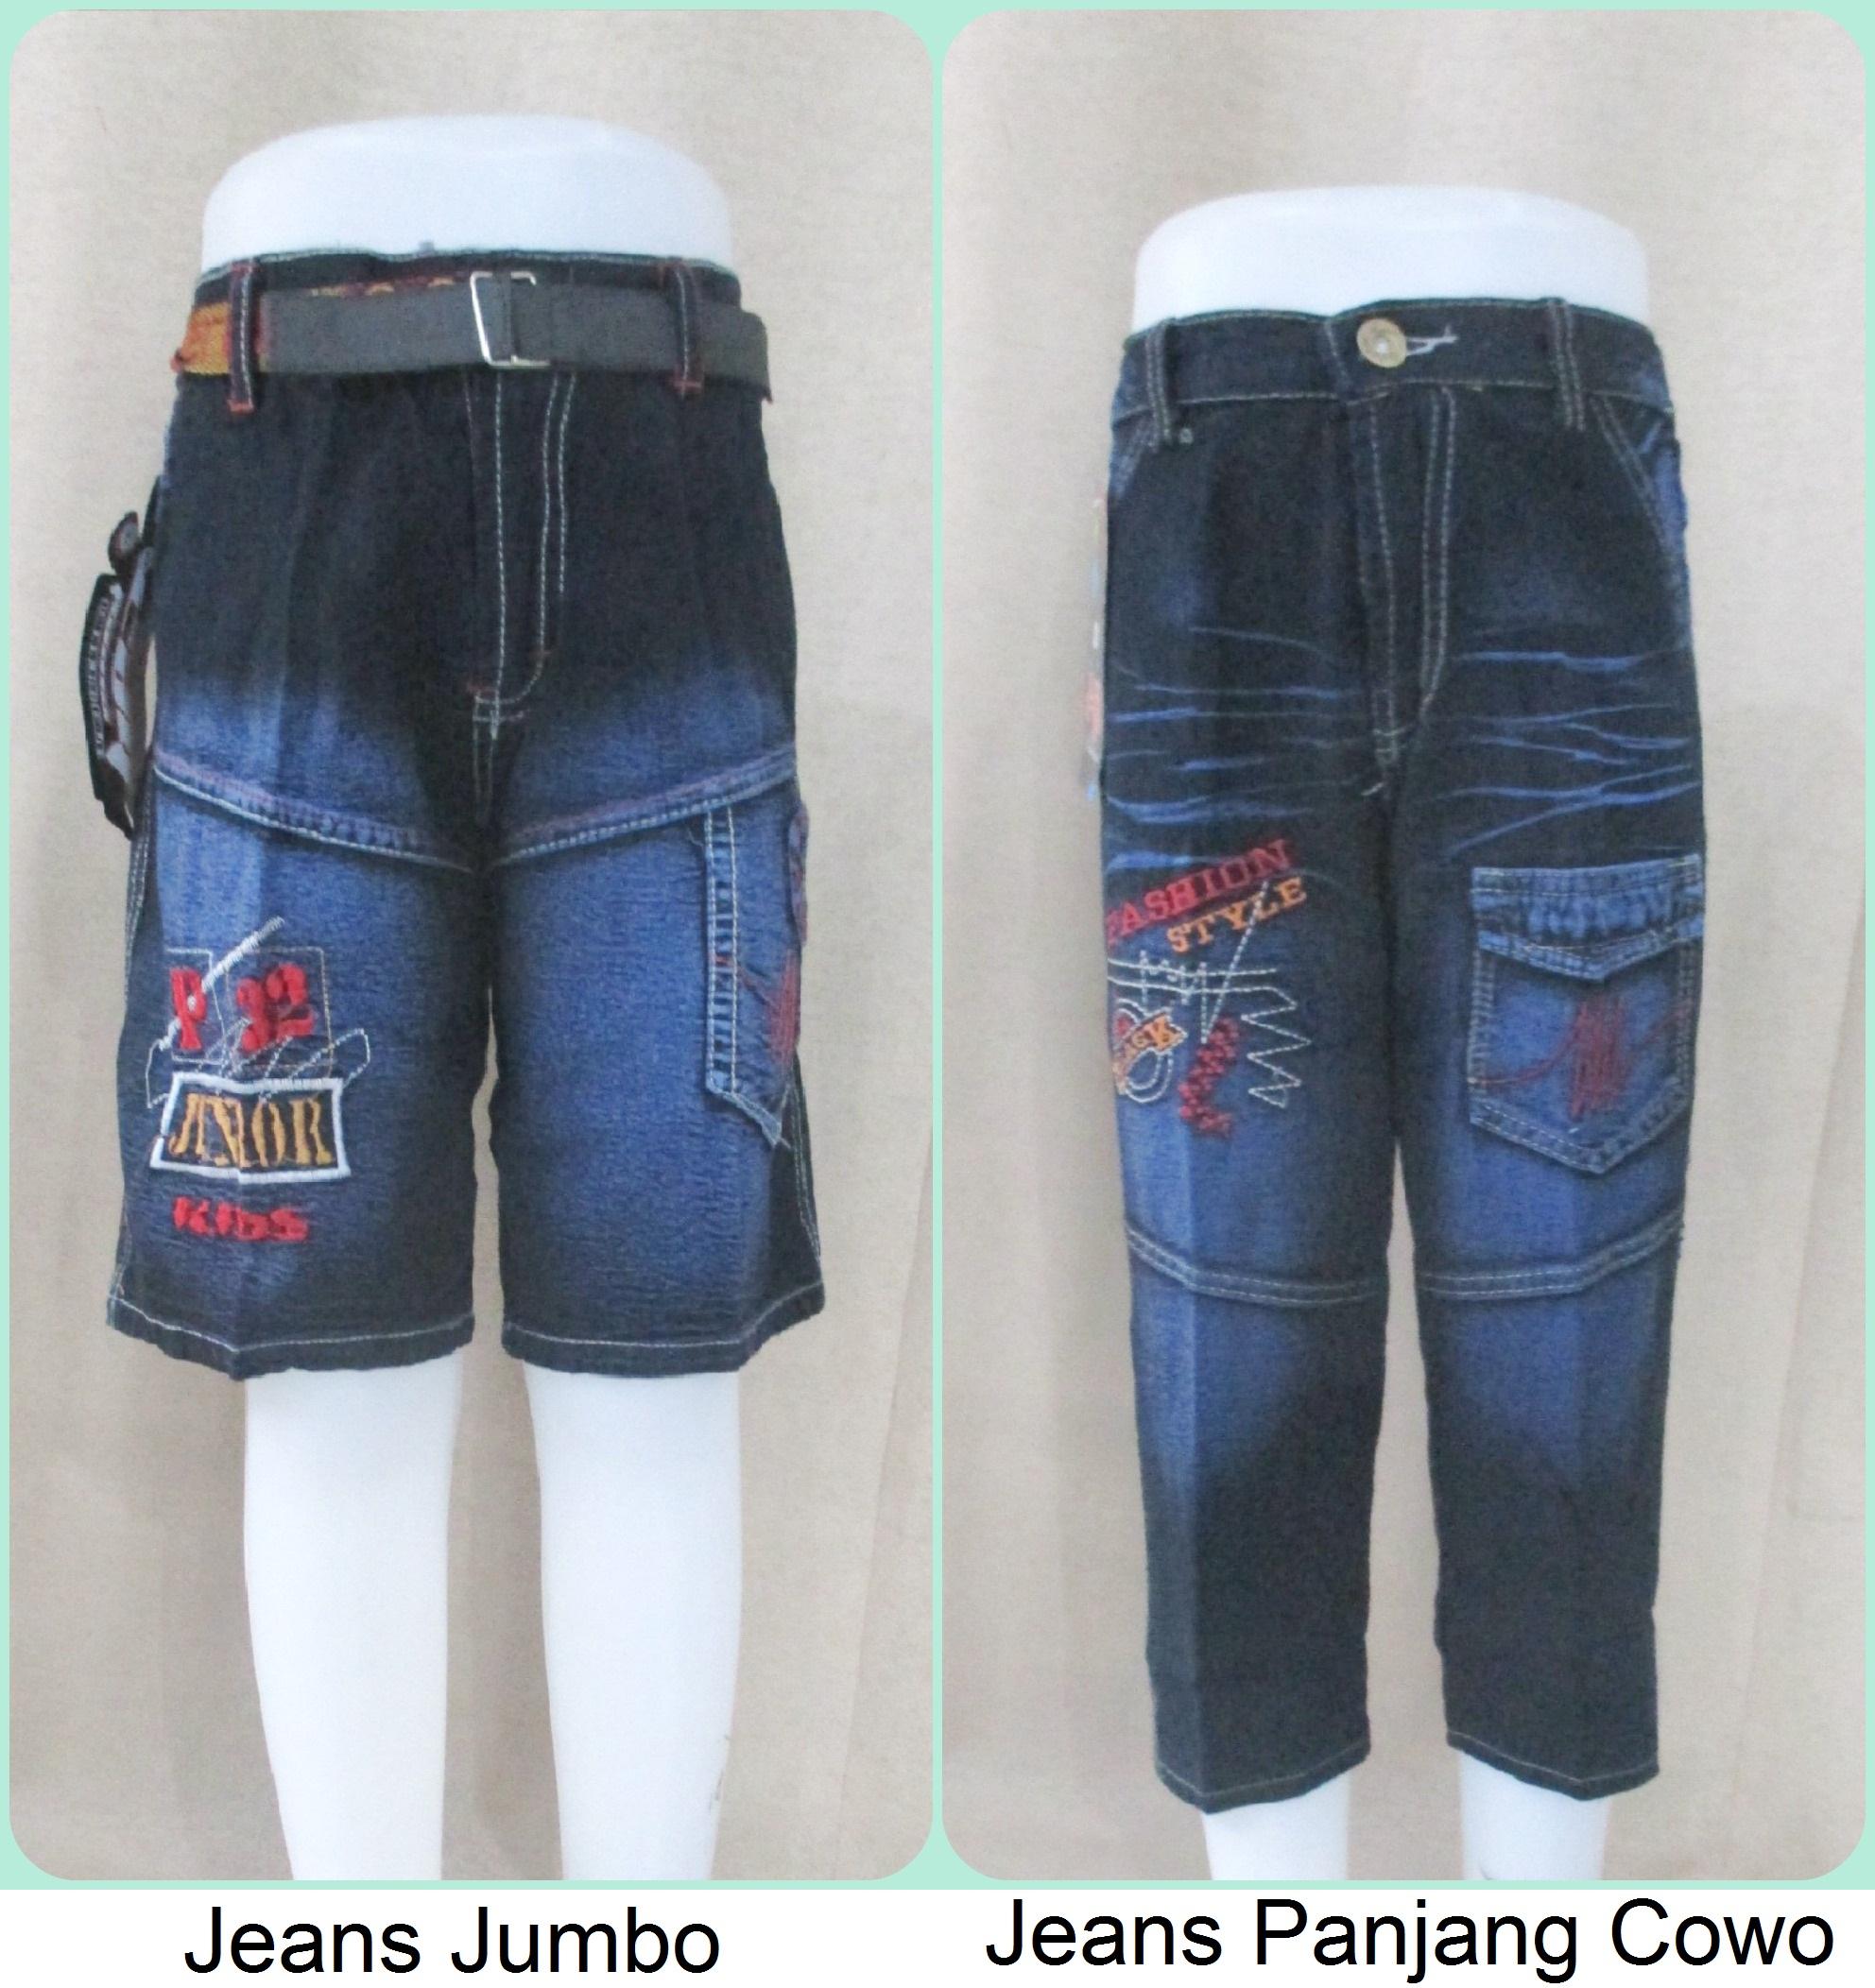 Jeans Anak Jumbo Dan Jeans Panjang Cowo